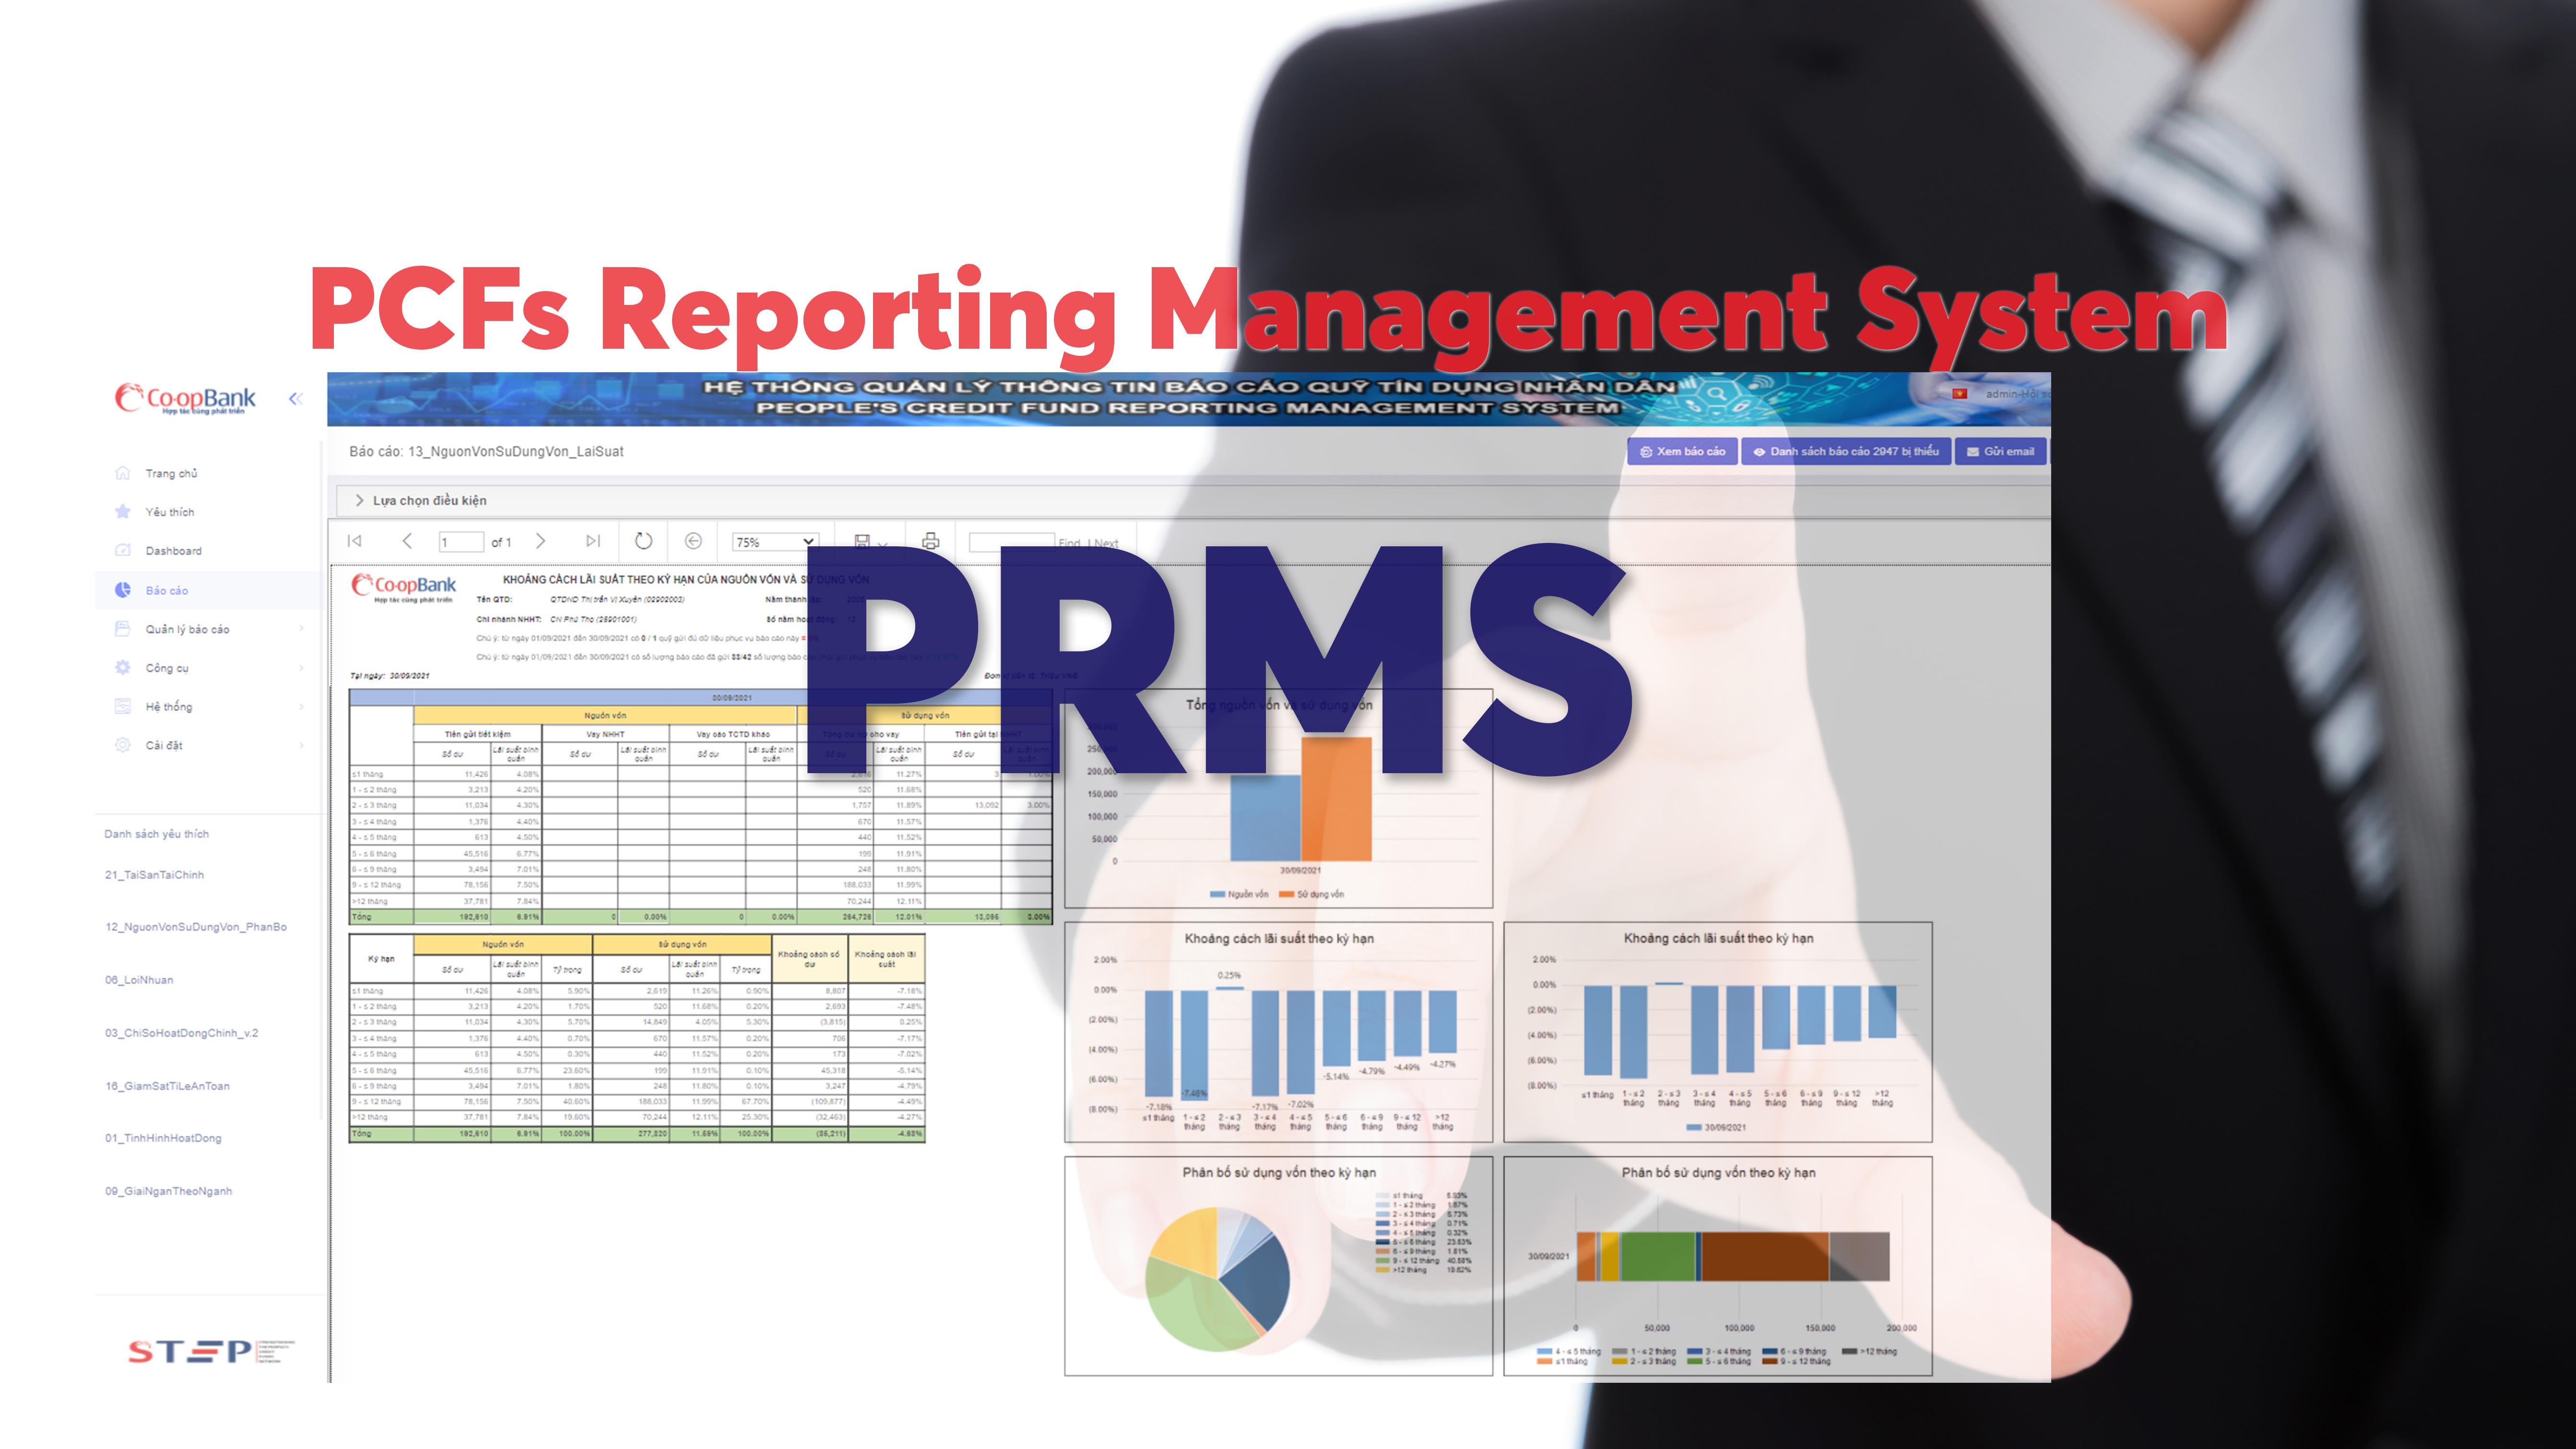 {mlang vi}Phân tích báo cáo đầu ra hệ thống PRMS - Phần A{mlang}{mlang en,fr,fr_ca}Analysis and Interpretation of PRMS output reports - Part A{mlang}